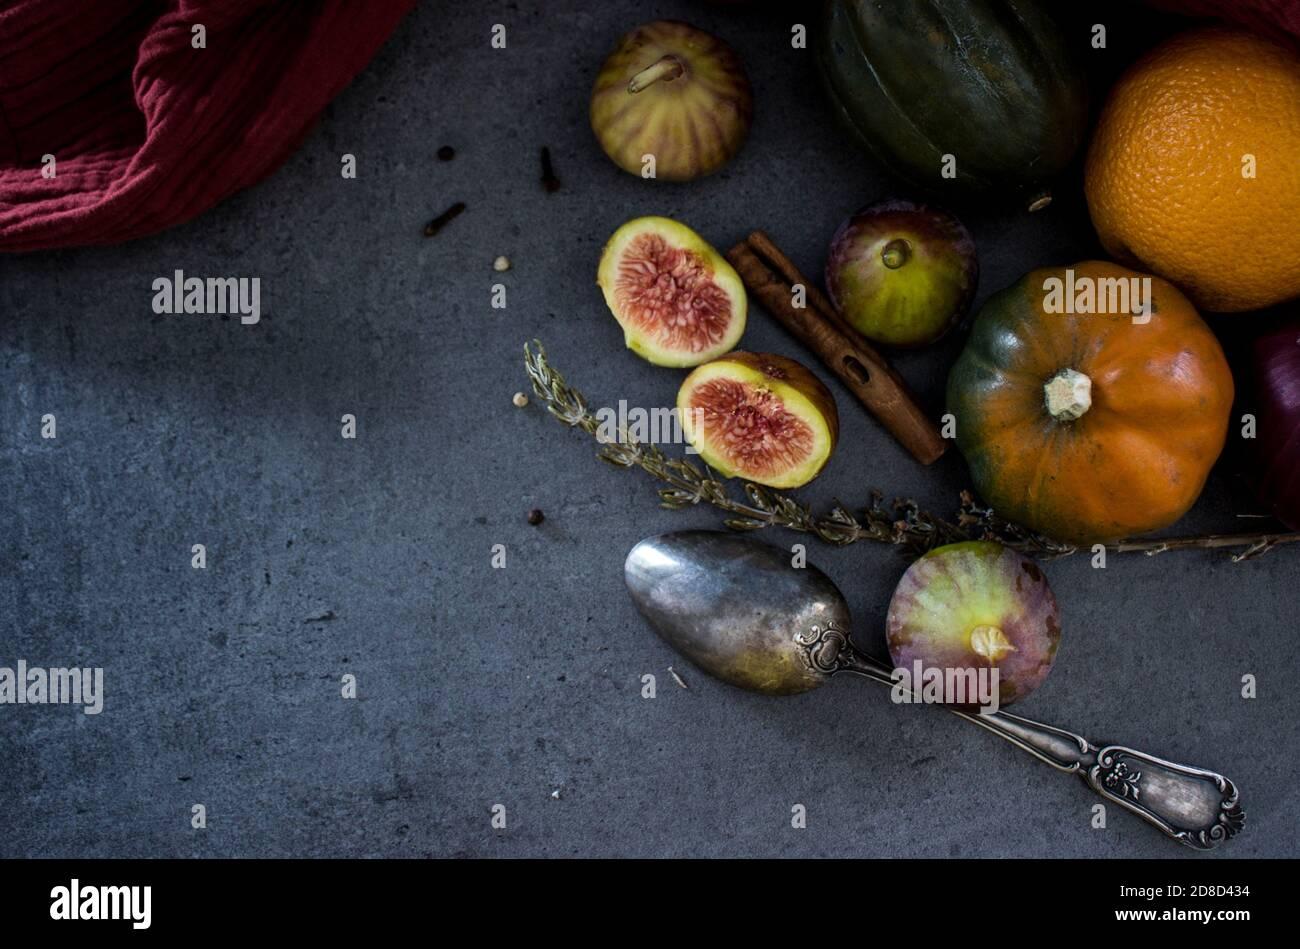 Frutas y verduras frescas en una mesa. Gema de calabaza, ciruelas, higos y cuchara de plata sobre fondo gris. Foto superior de la cosecha de otoño. Foto de stock